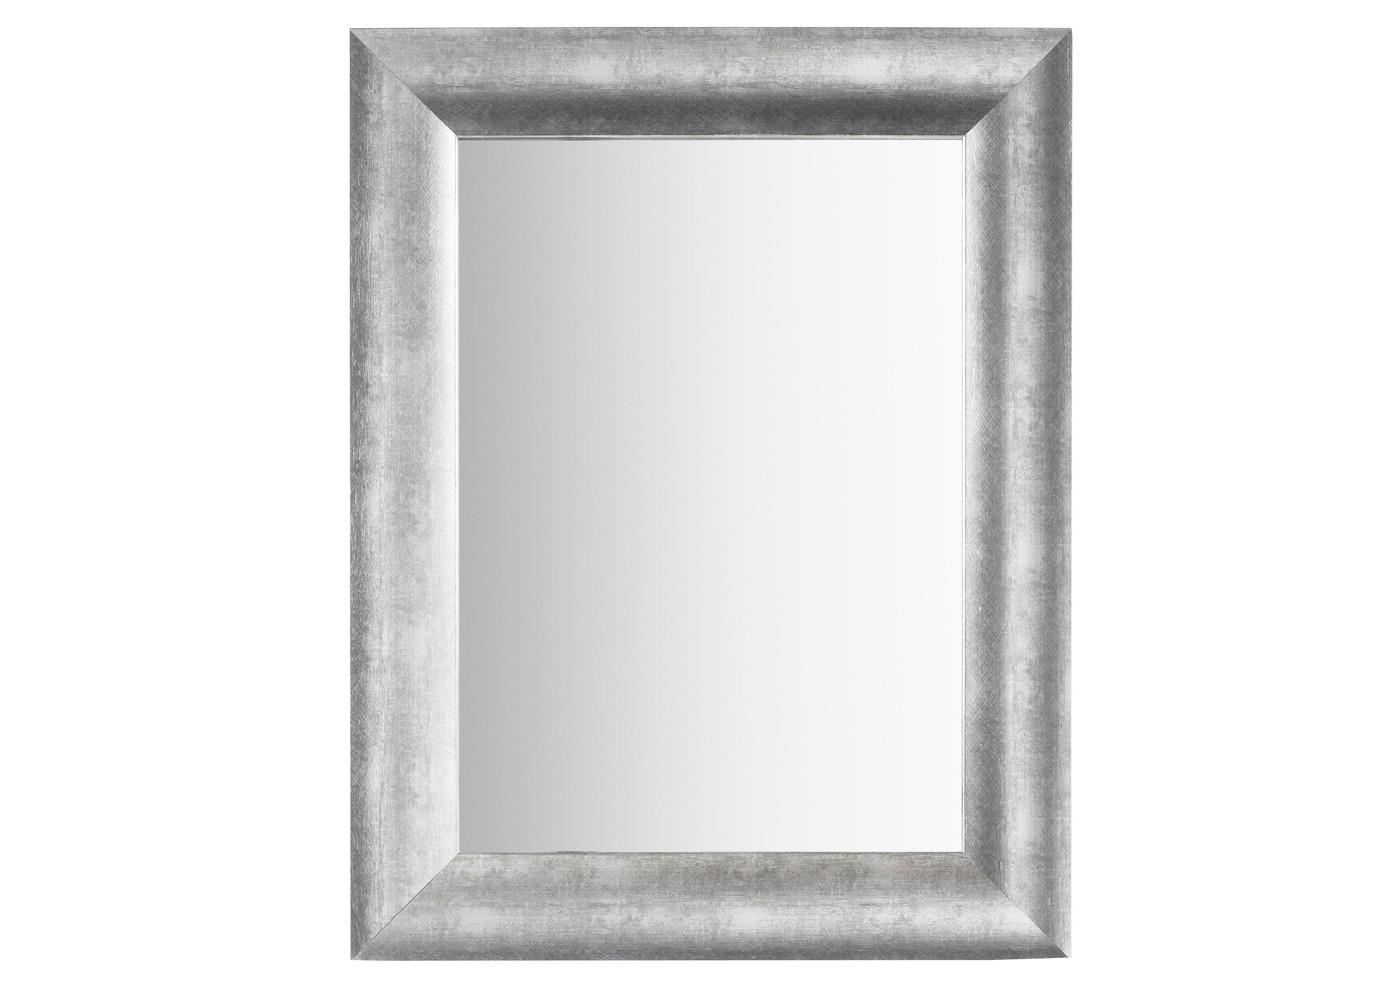 Compra espejos marcos lacados en for Espejo gris plata